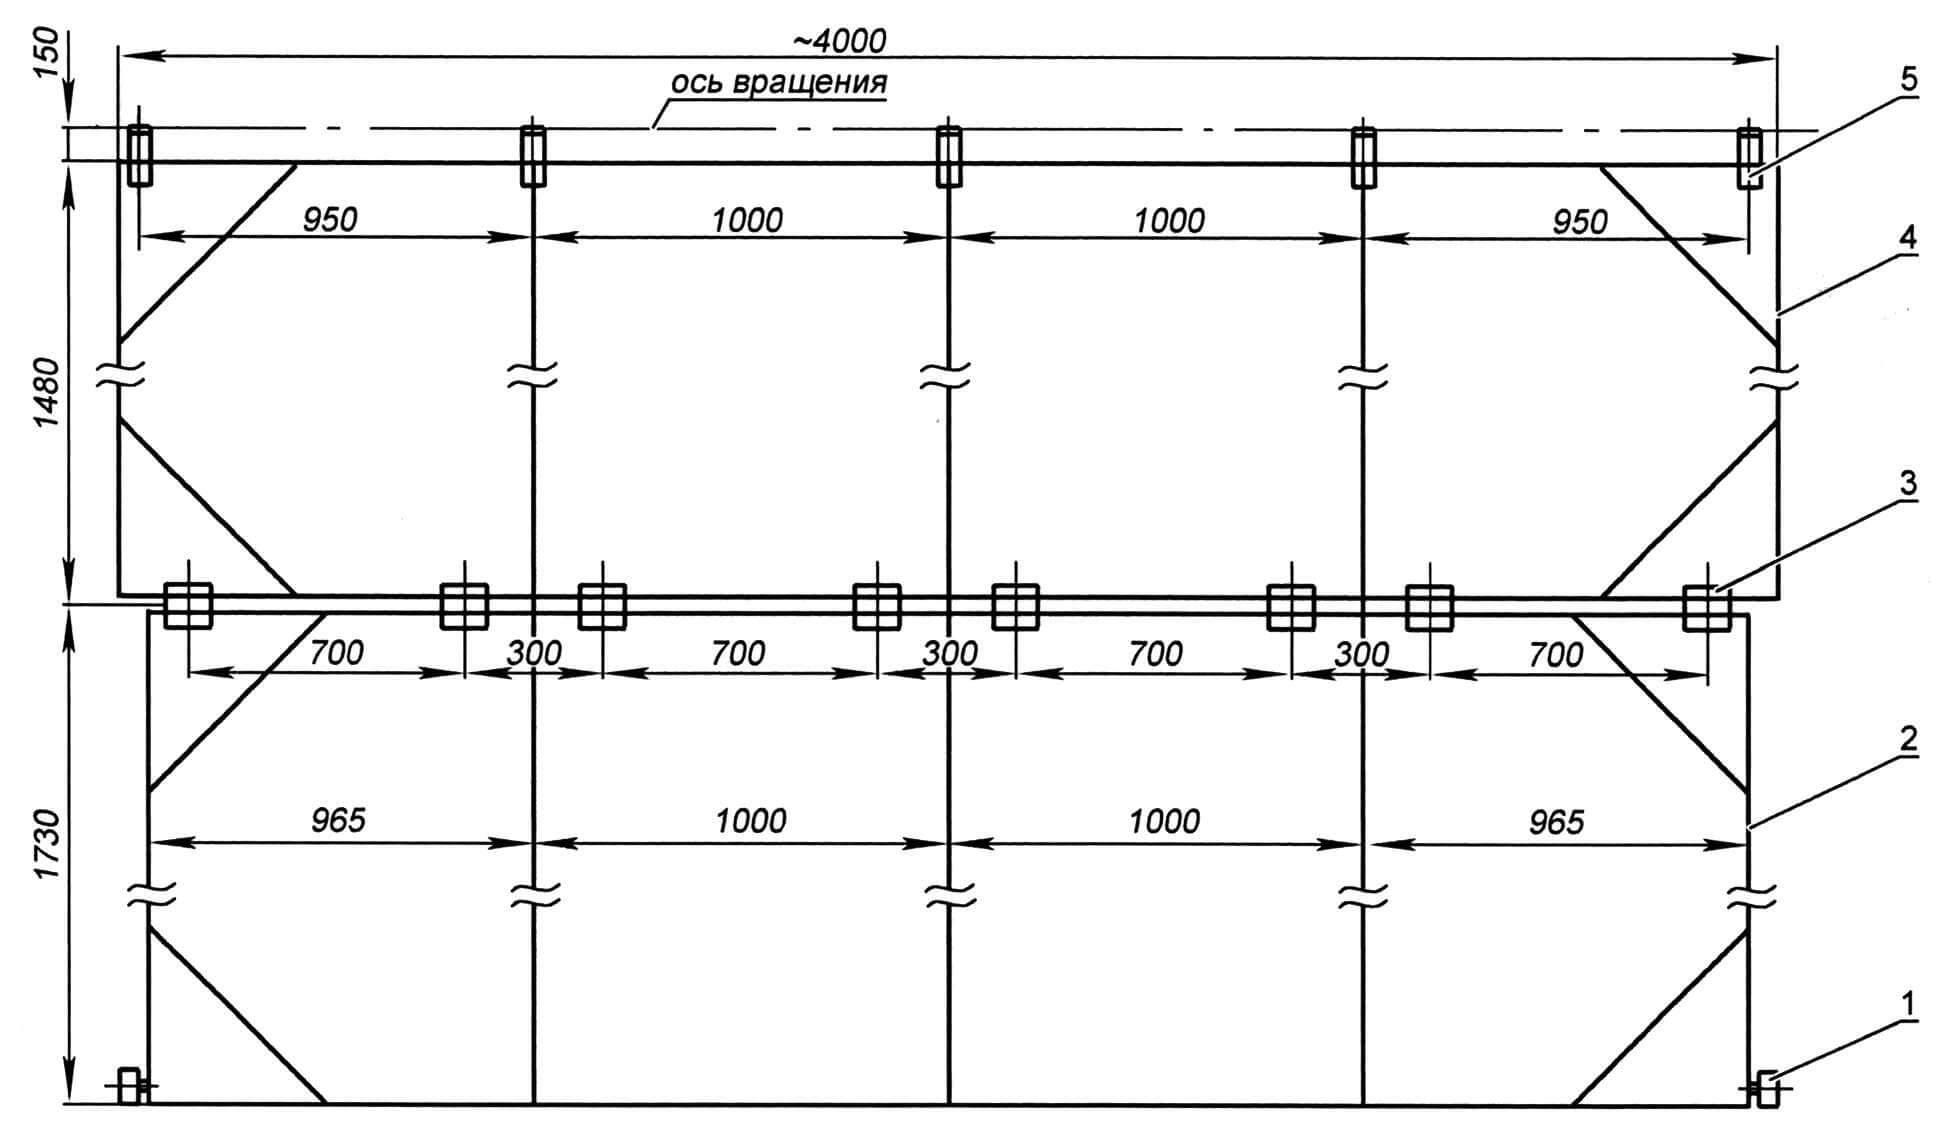 Складывающиеся по высоте гаражные ворота: 1 - ролик ворот; 2 - нижняя створка ворот; 3 - петля бытовая; 4 - верхняя створка ворот; 5 - петля грузовая